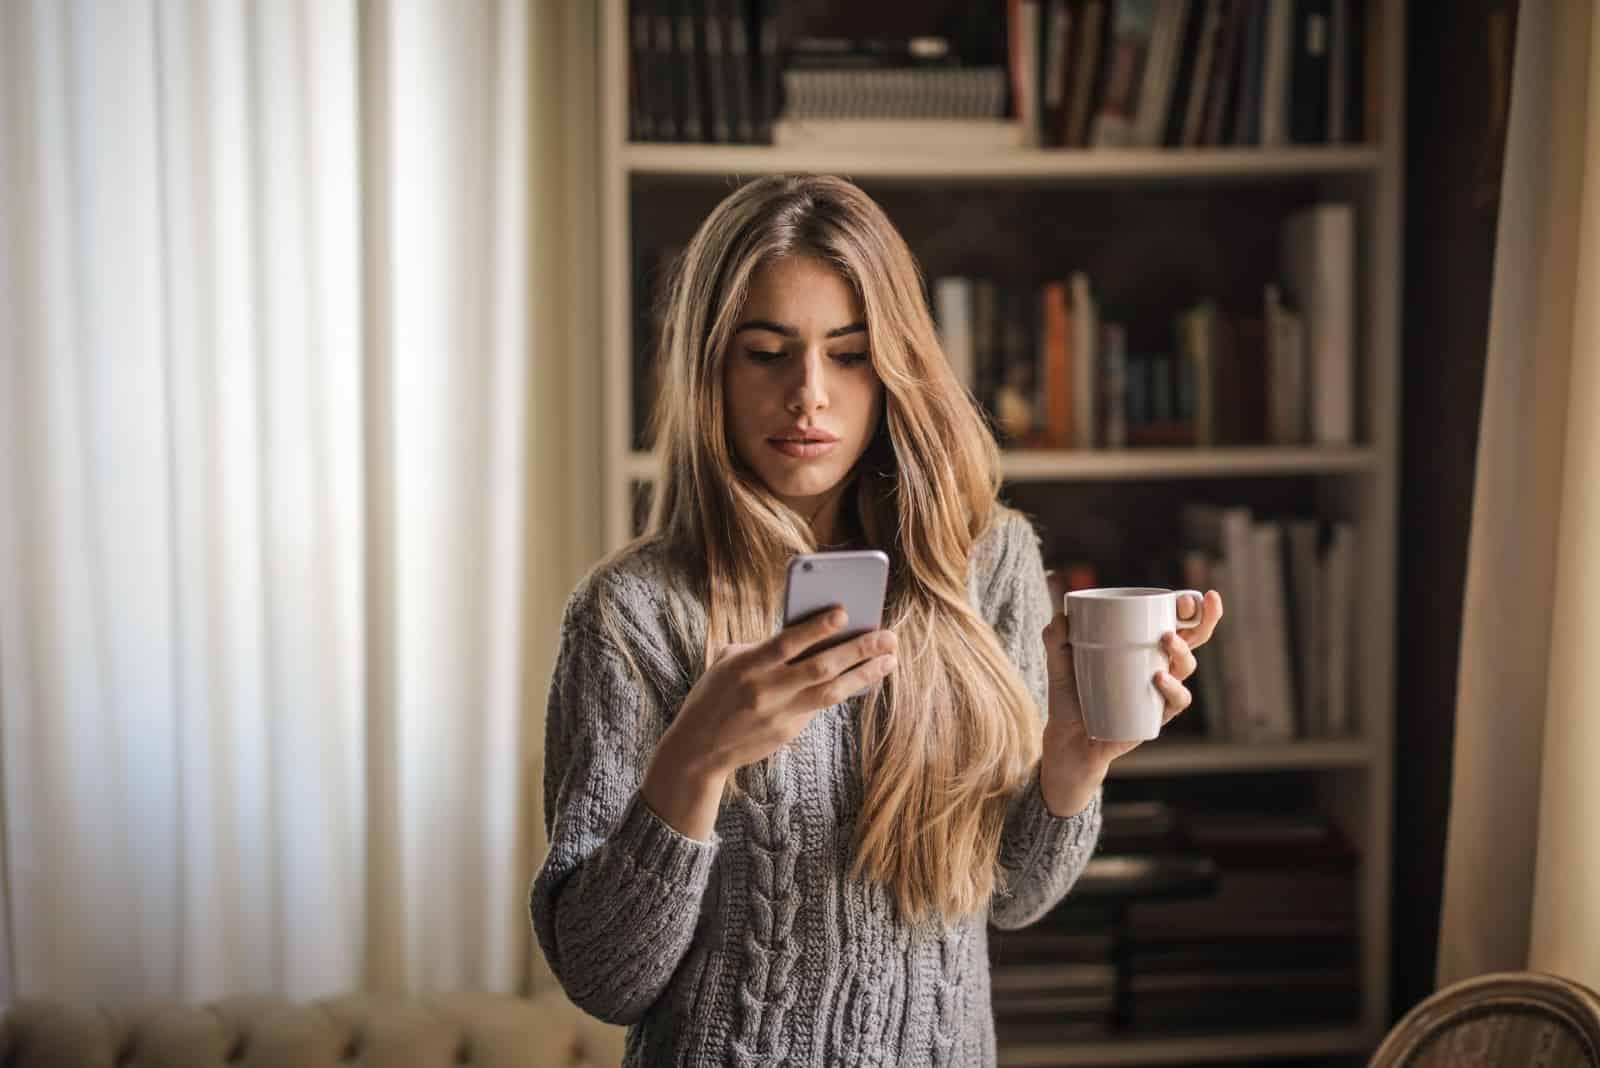 Femme utilisant un smartphone alors qu'elle est assise à l'intérieur